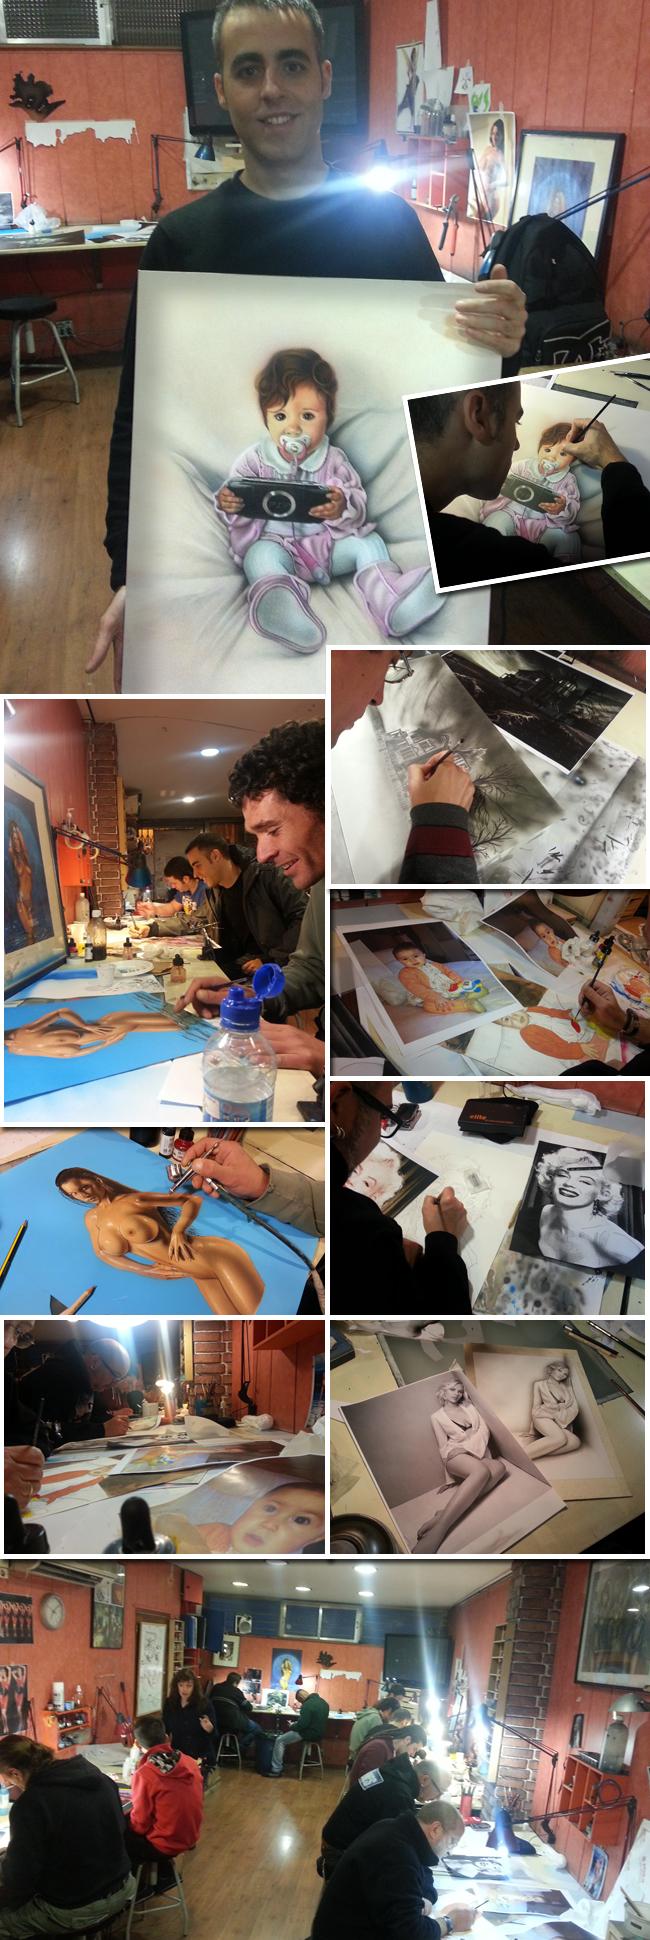 Alumnos trabajando en aulas de los cursos de aerografia de Carlos Diez en la Academia de dibujo y comic C10